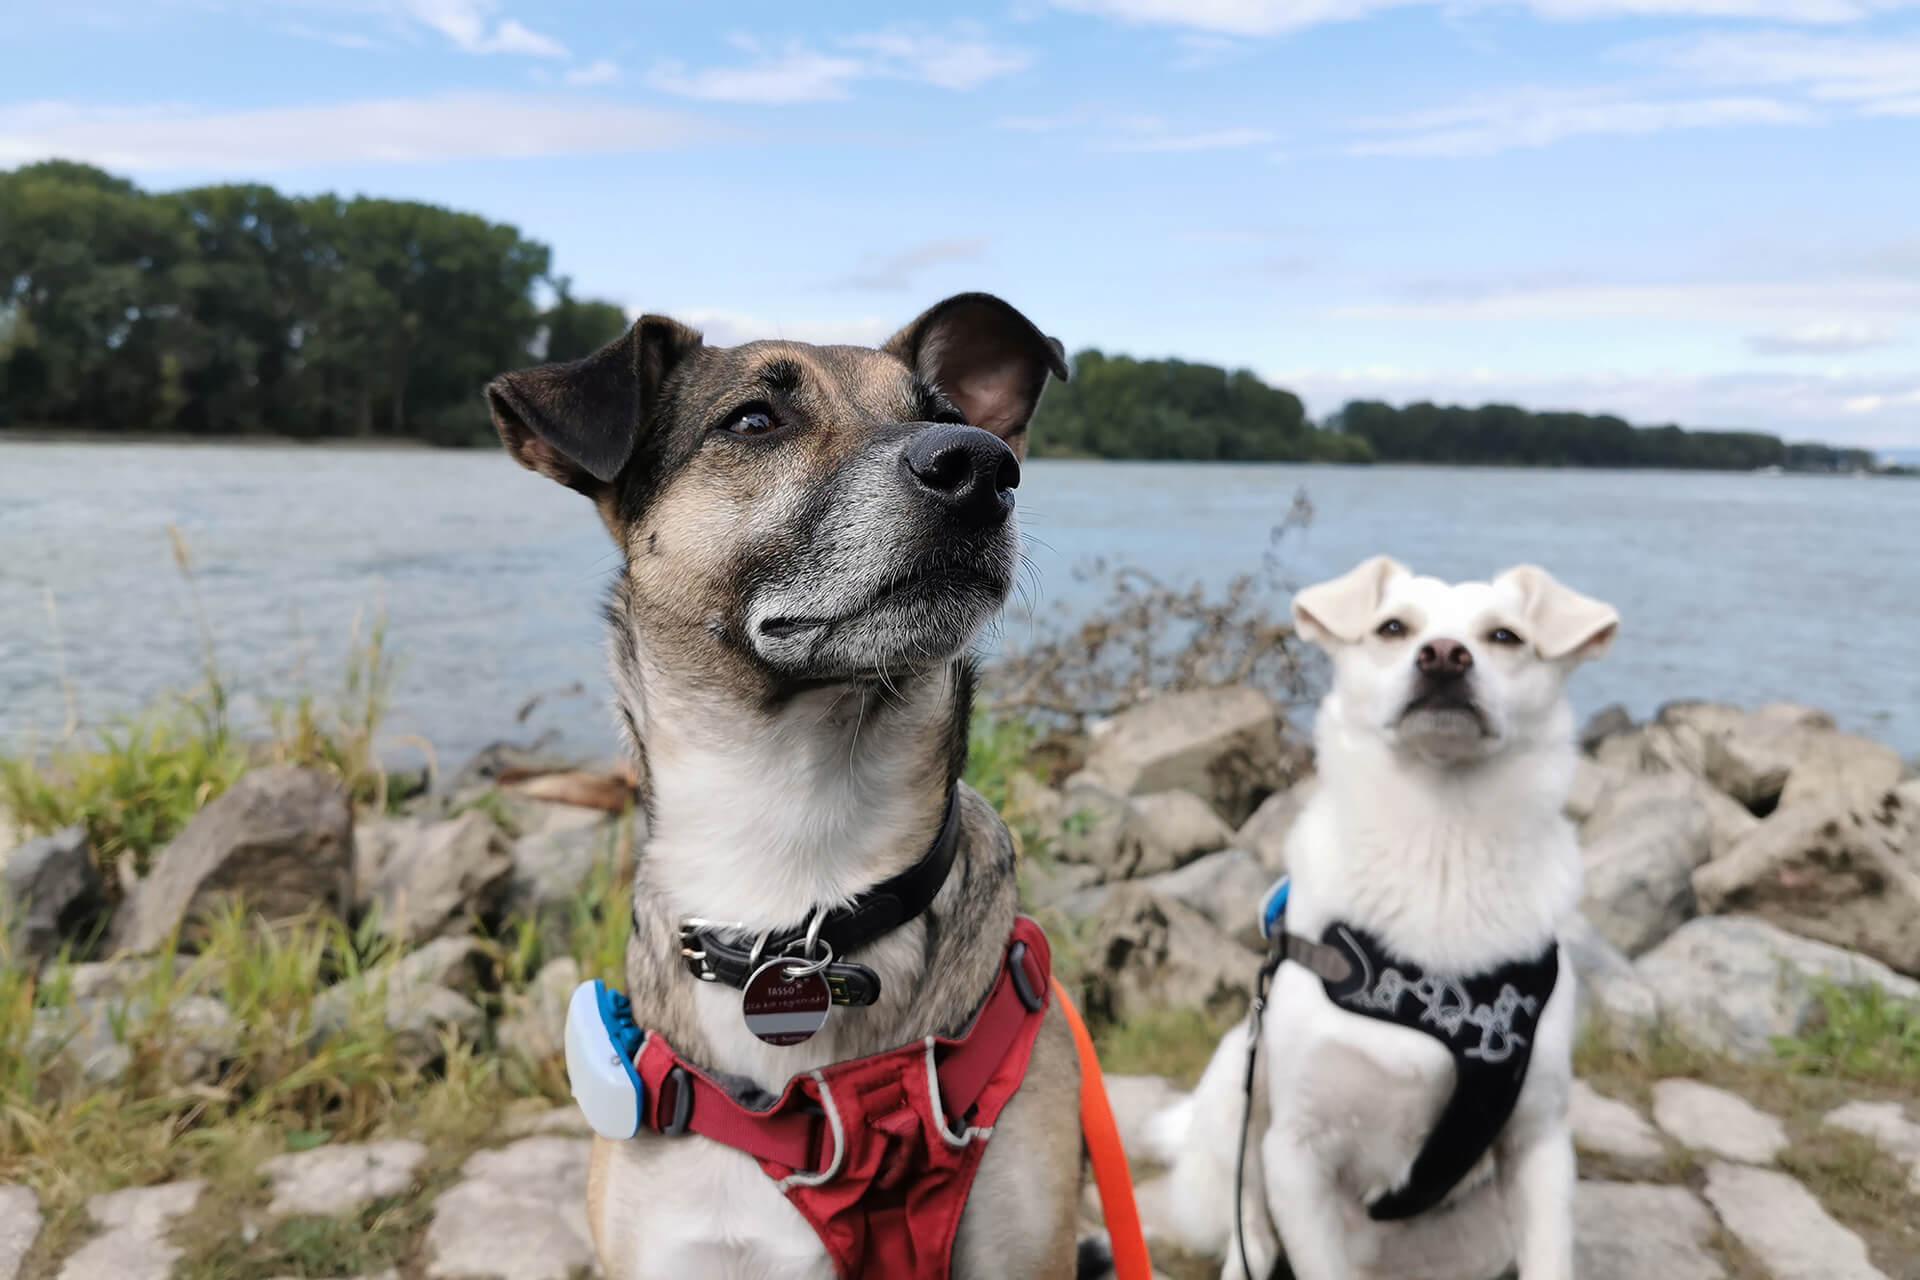 Noch mehr Schutz für entlaufene Haustiere – TASSO startet Kooperation mit Tractive